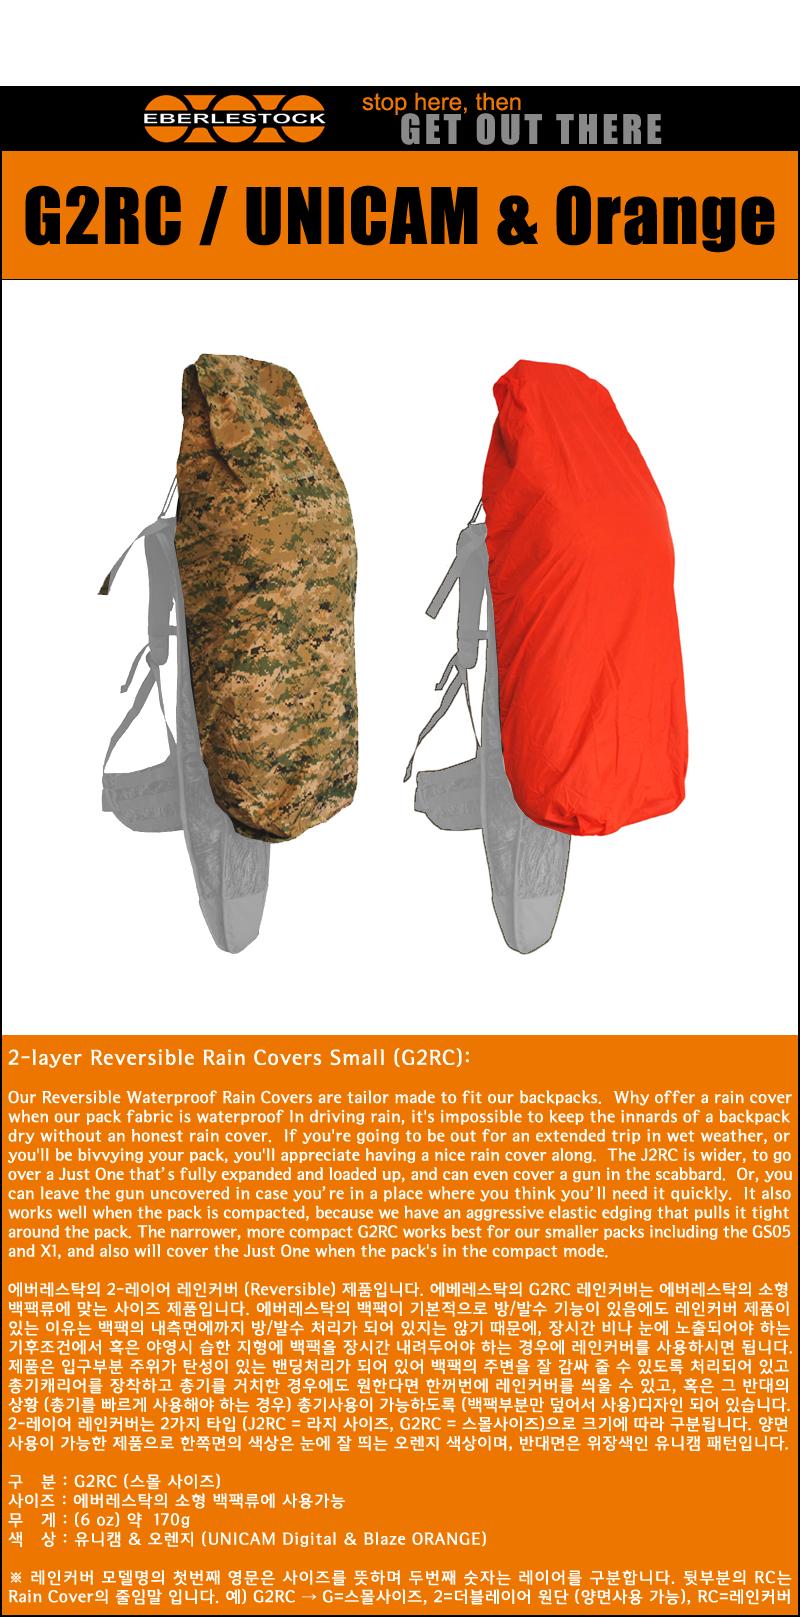 에버라스탁(EBERLESTOCK) G2RC 양면 레인커버 (유니캠/오렌지)